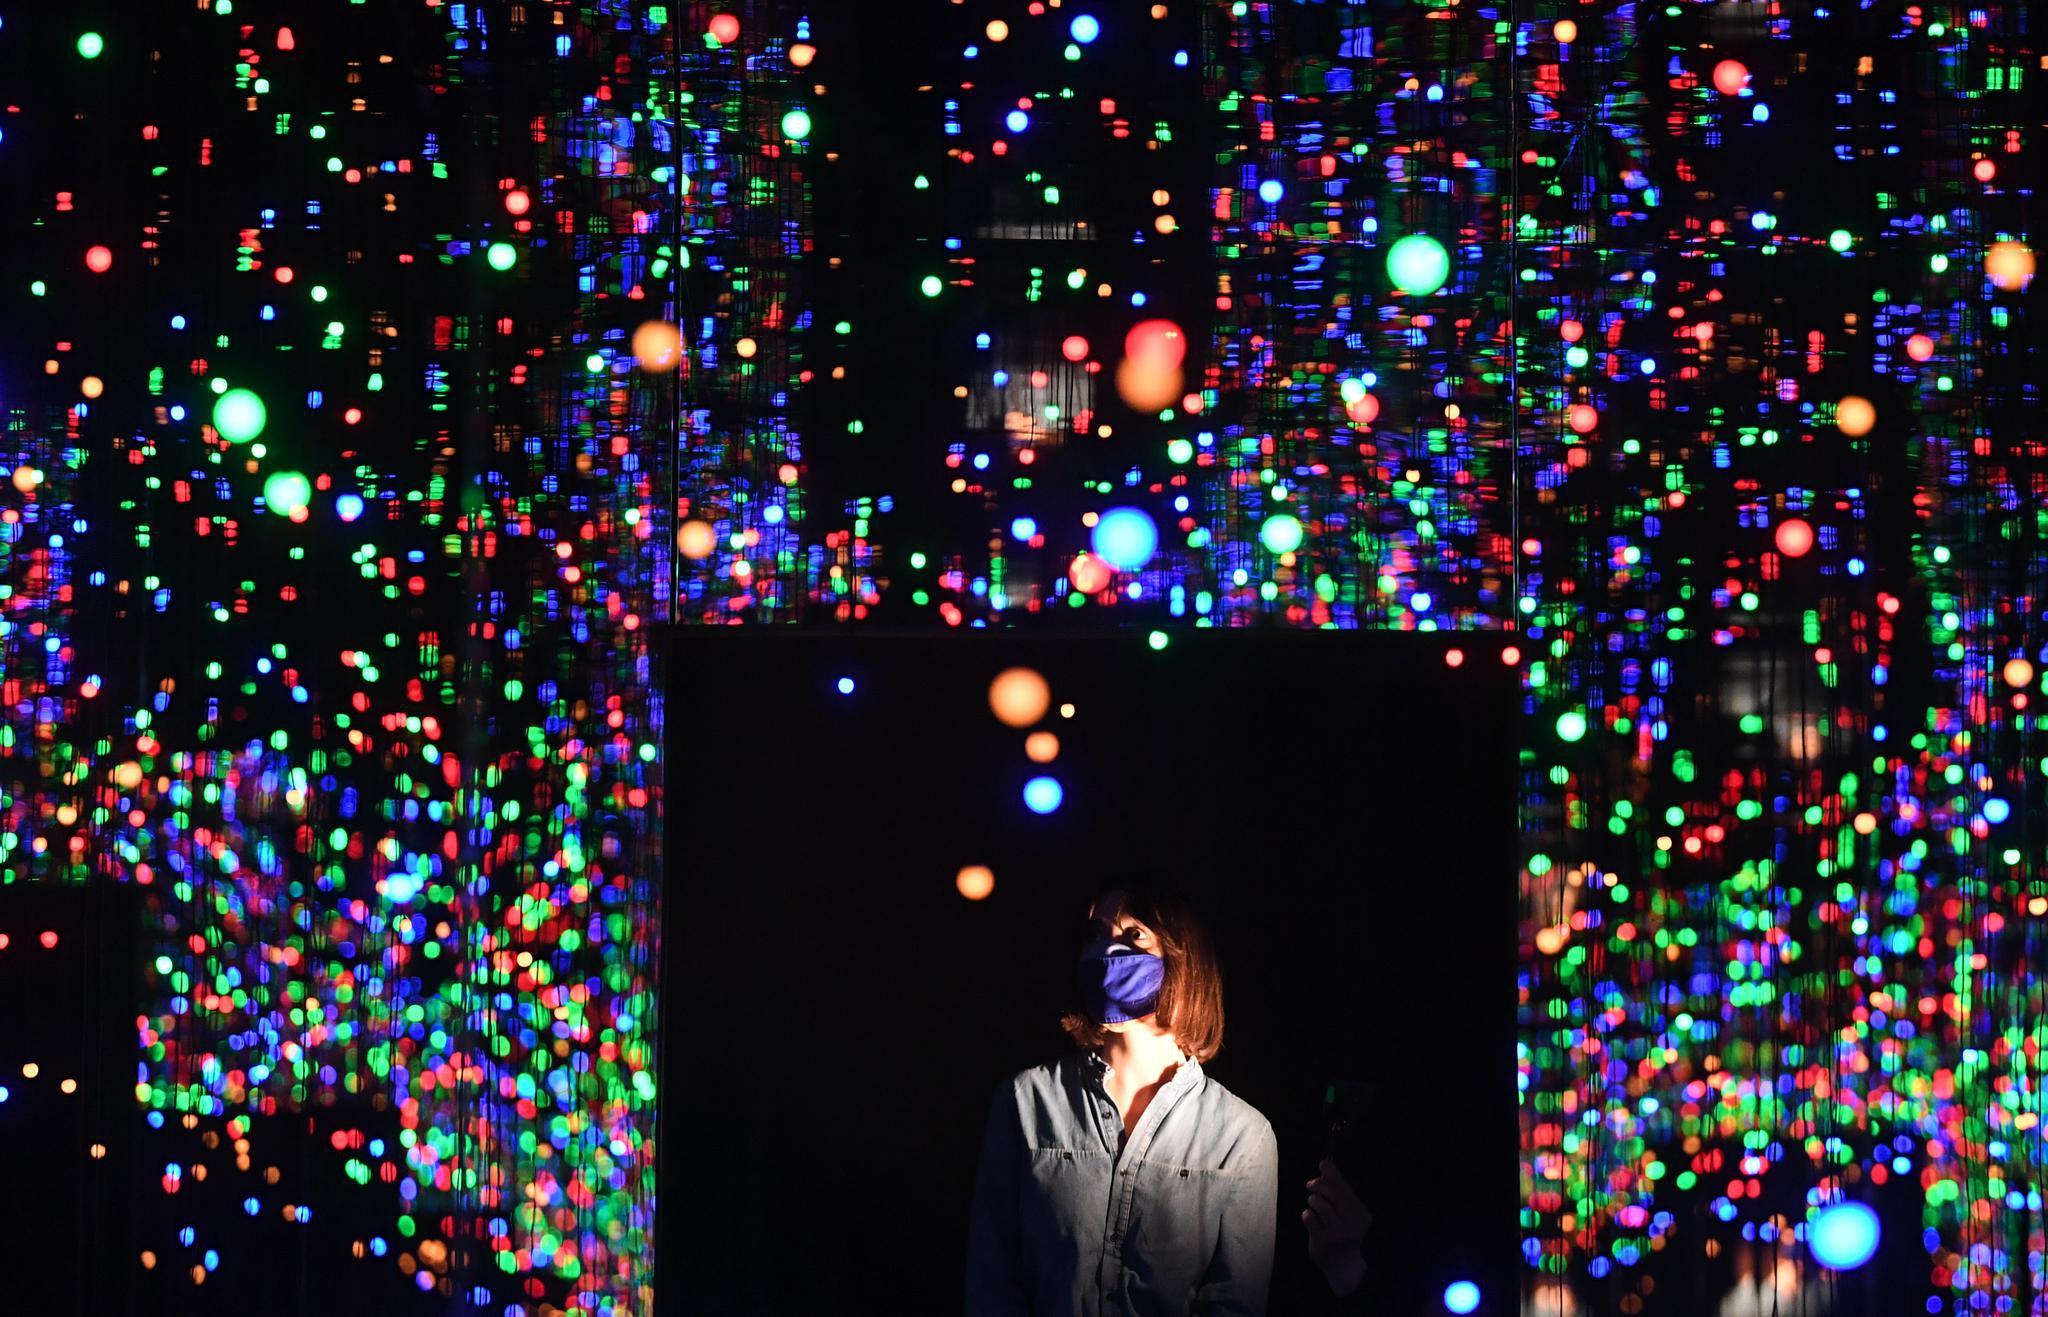 《草间弥生:无限镜室》艺术展